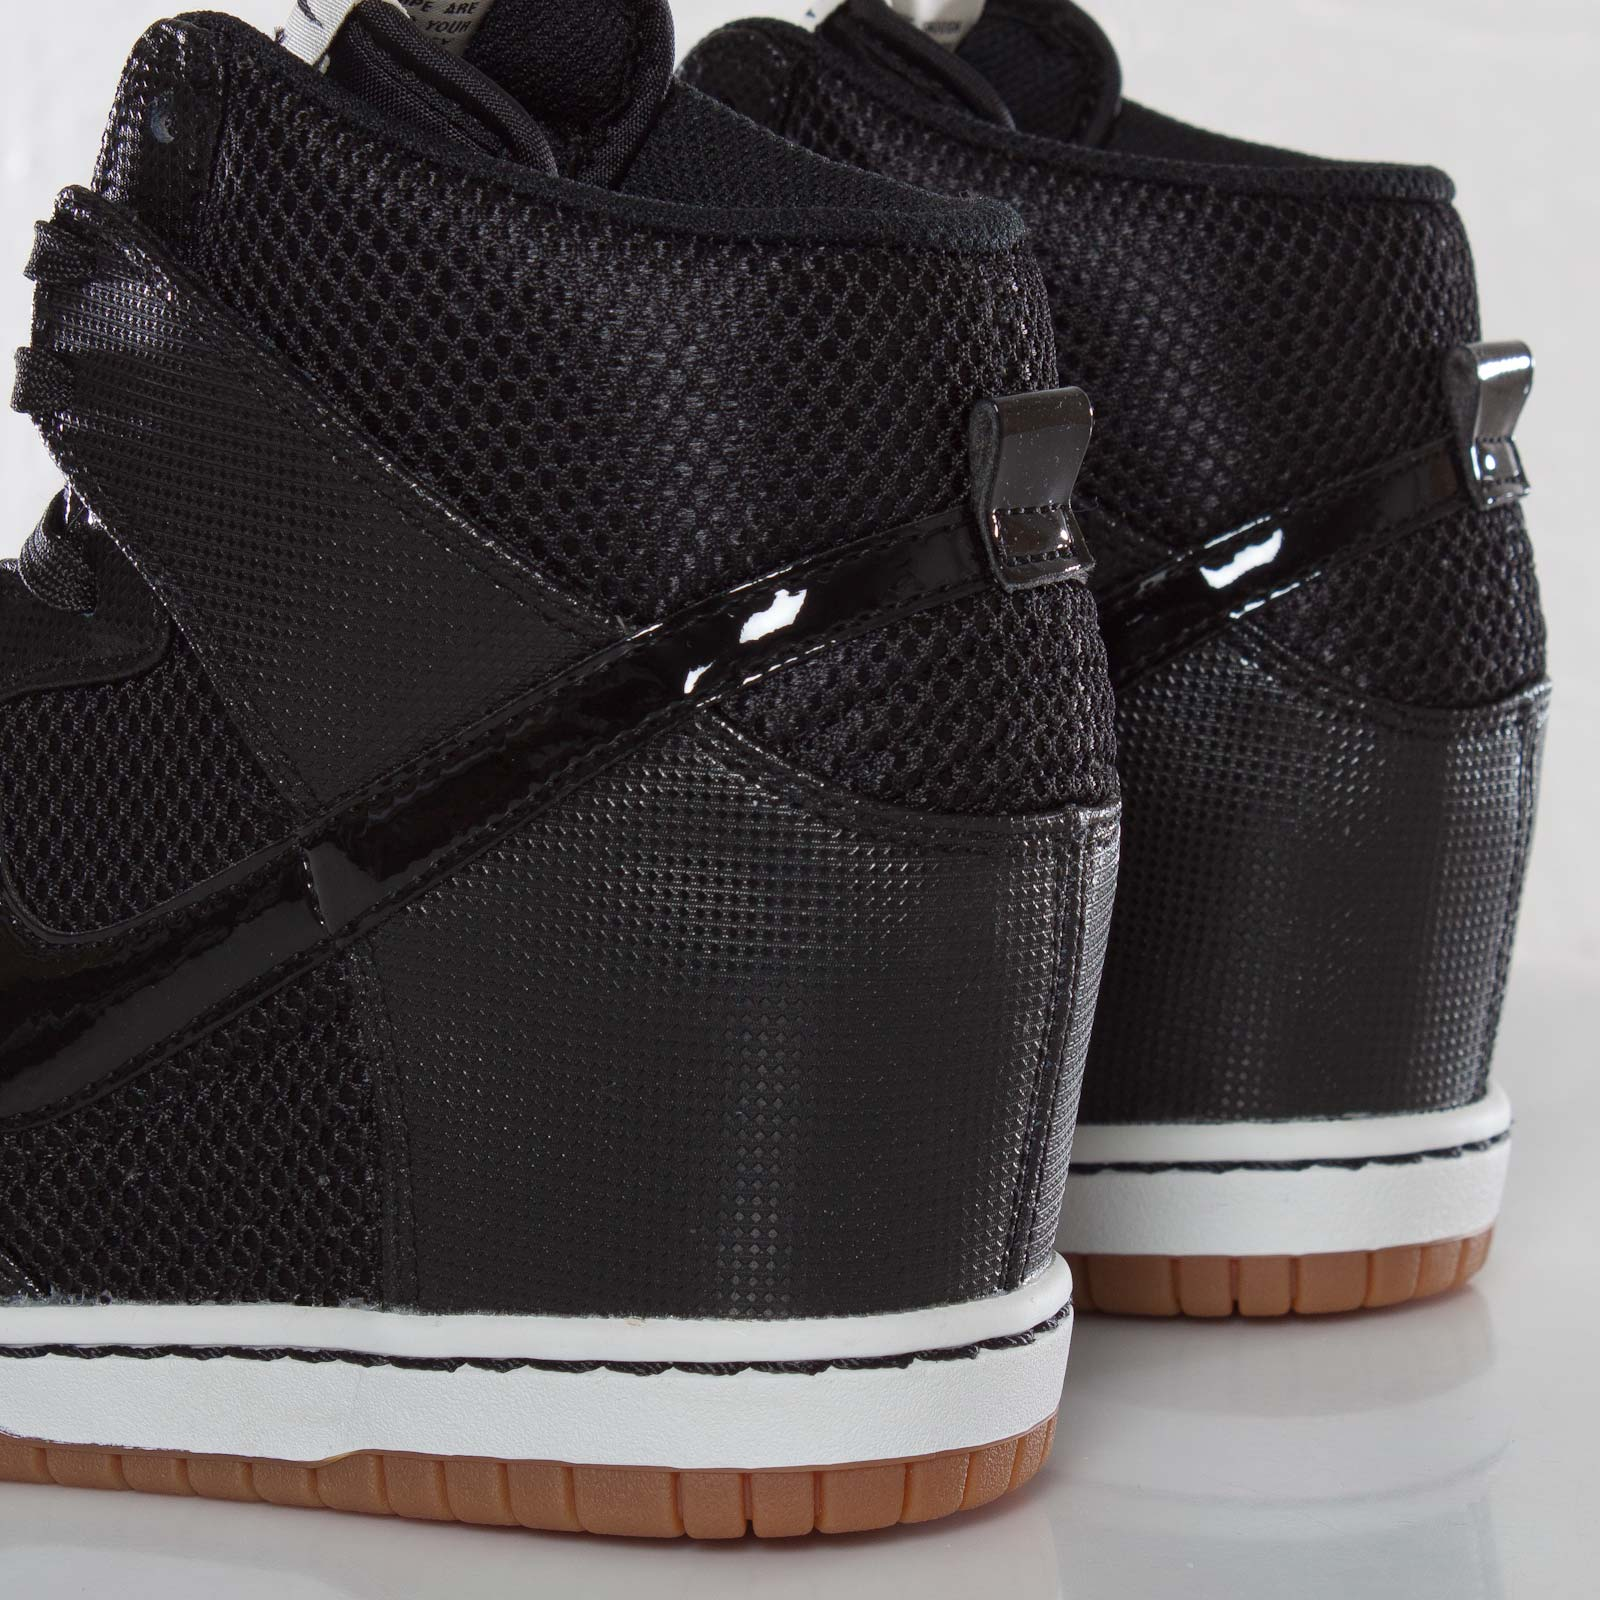 d37778779421 Nike Wmns Dunk Sky Hi Mesh - 579763-001 - Sneakersnstuff